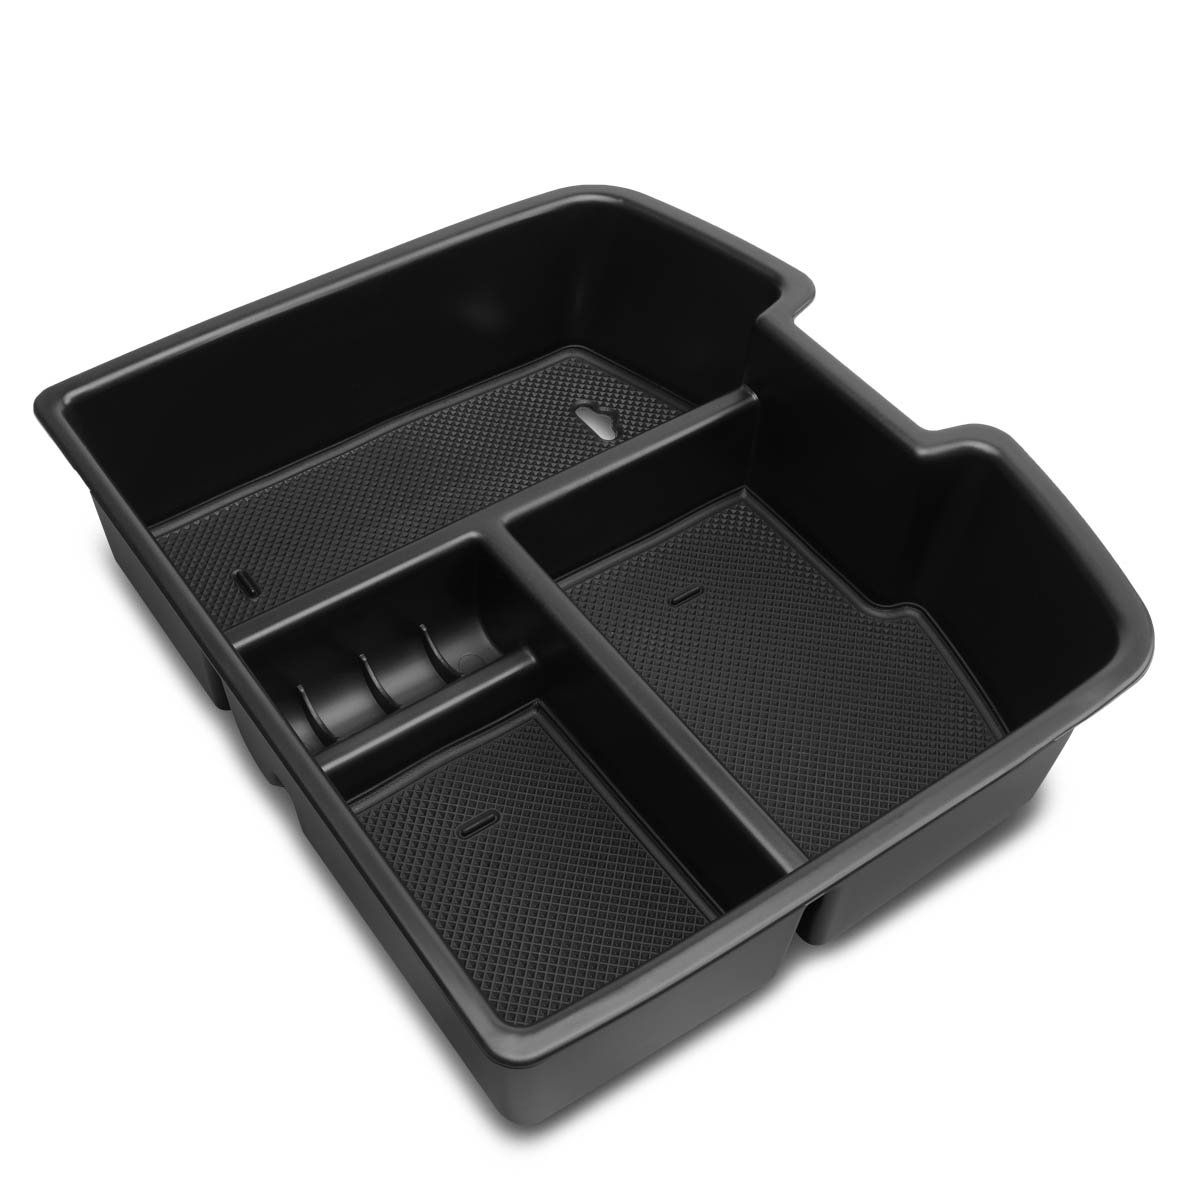 07 14 Chevy Silverado Gmc Sierra Center Console Organizer Insert Tray W Silicone Mats Console Organization Center Console Chevy Silverado